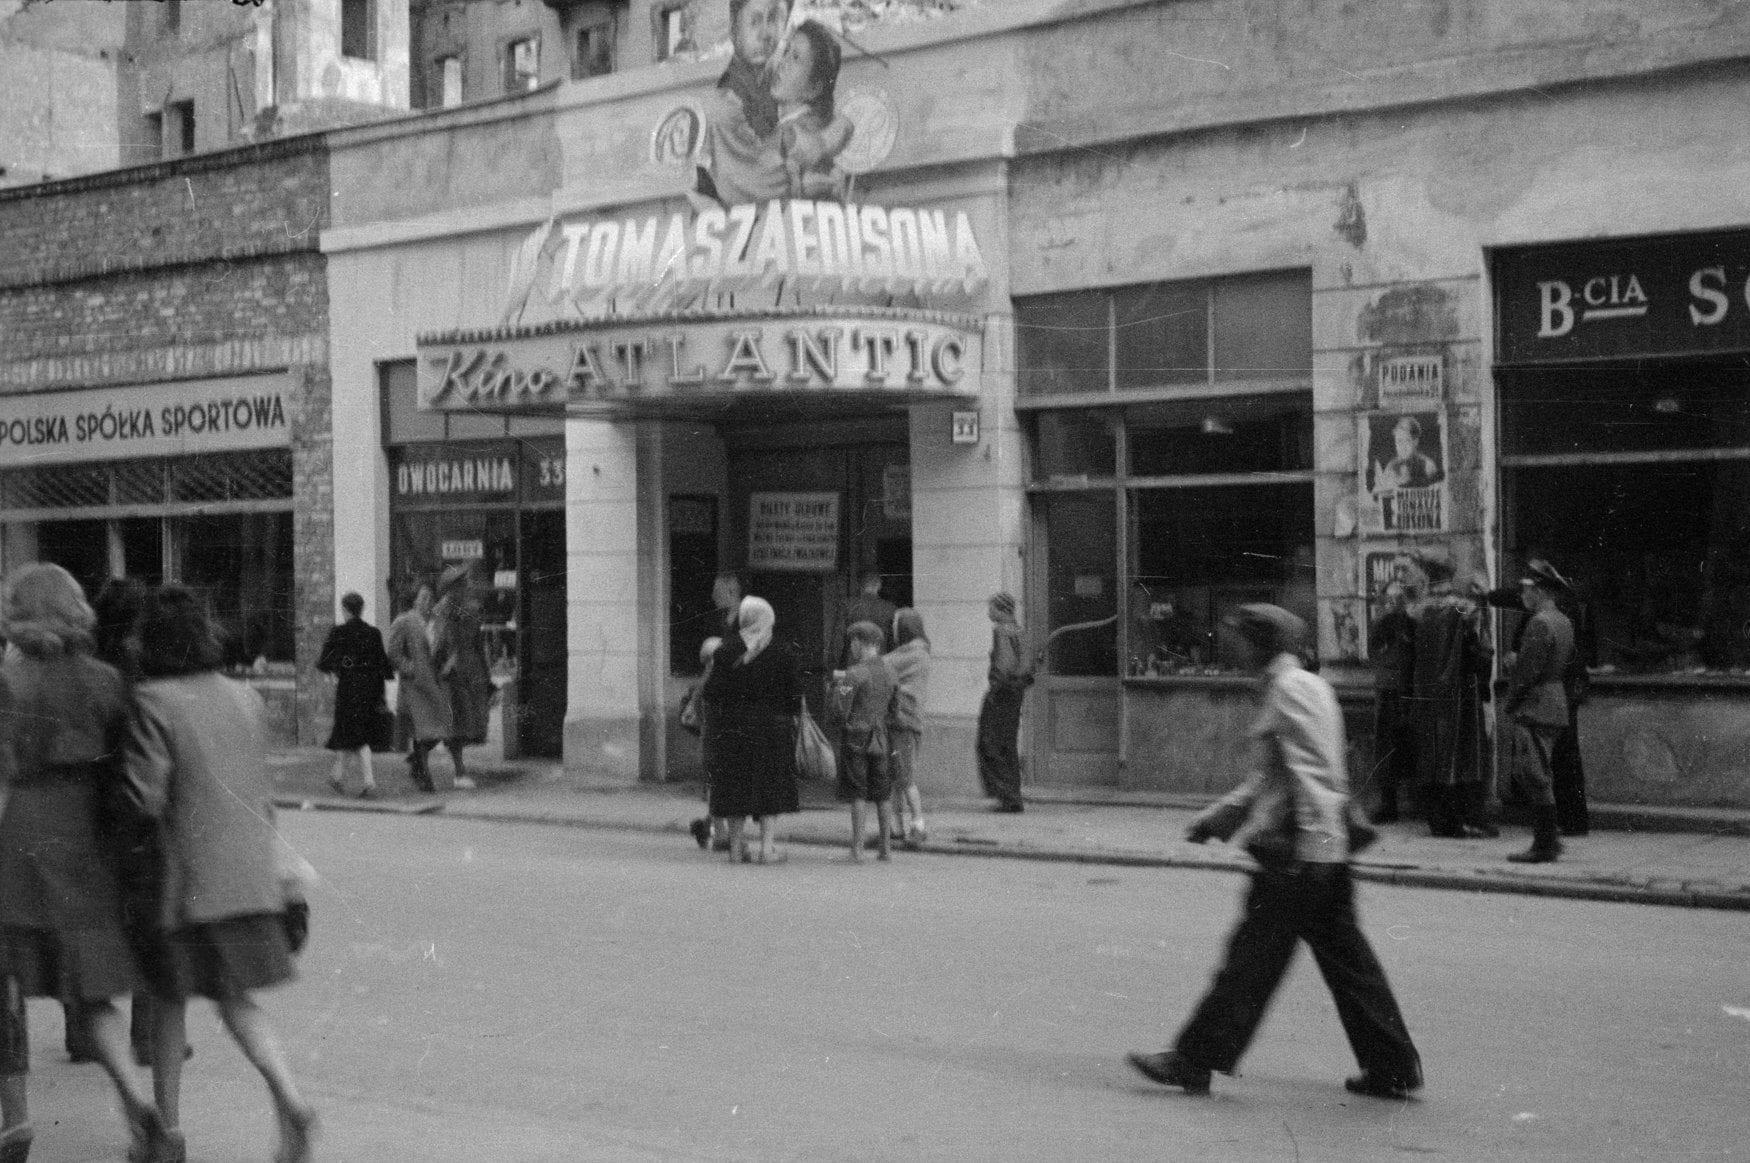 Kino Atlantic wWarszawie lata 40